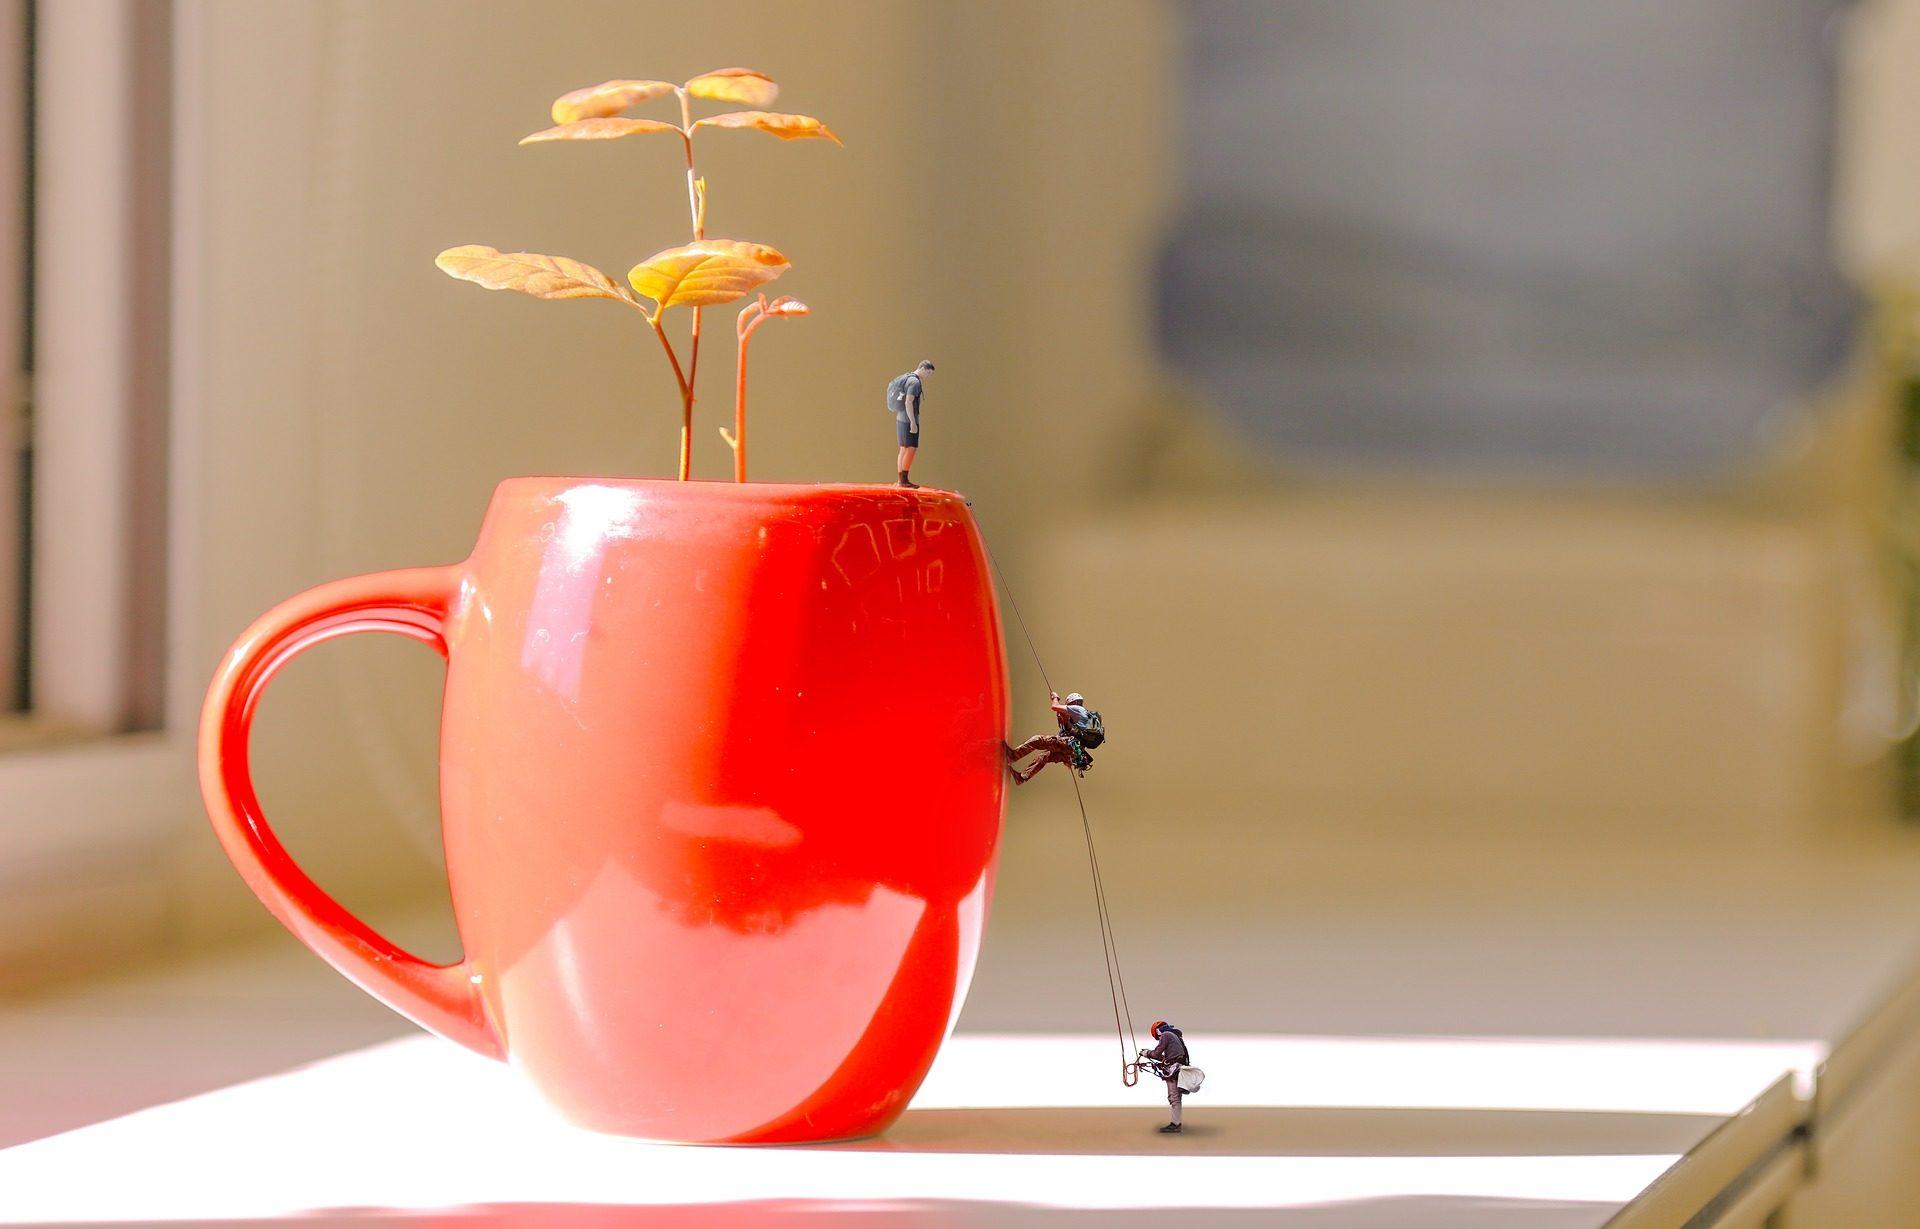 كأس, وعاء, المتسلقين, سلاسل, دمى - خلفيات عالية الدقة - أستاذ falken.com